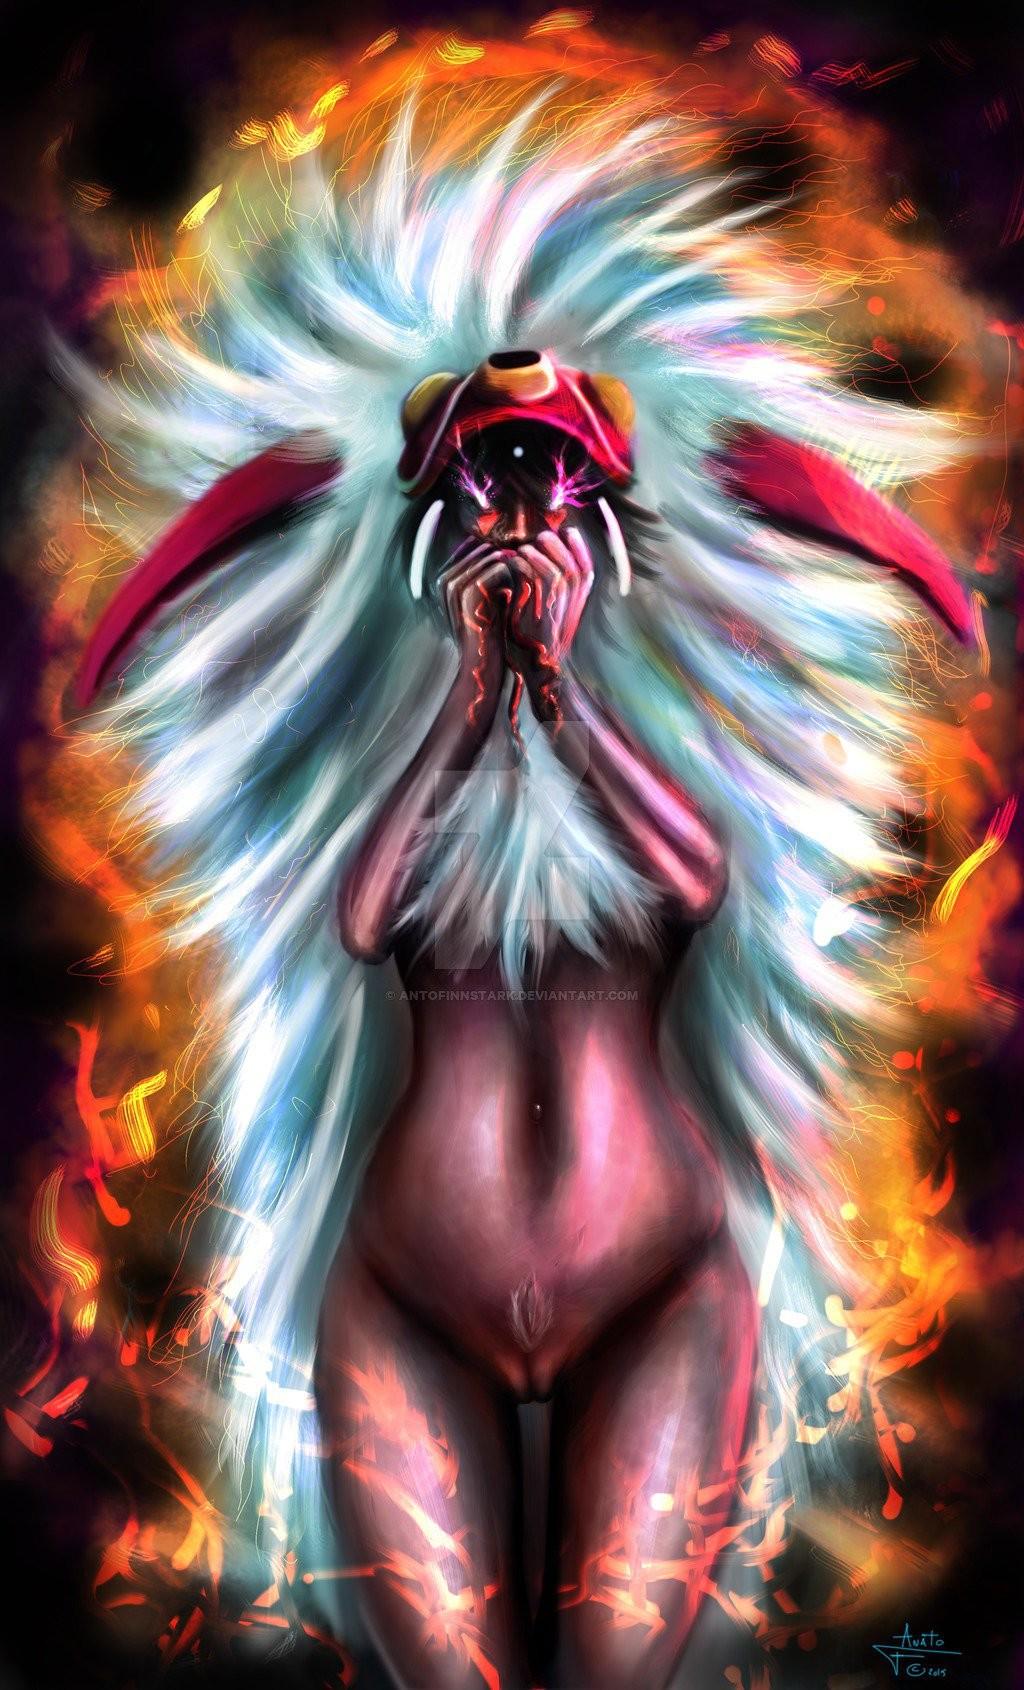 ArtStation - Princess Mononoke, Anato Finnstark